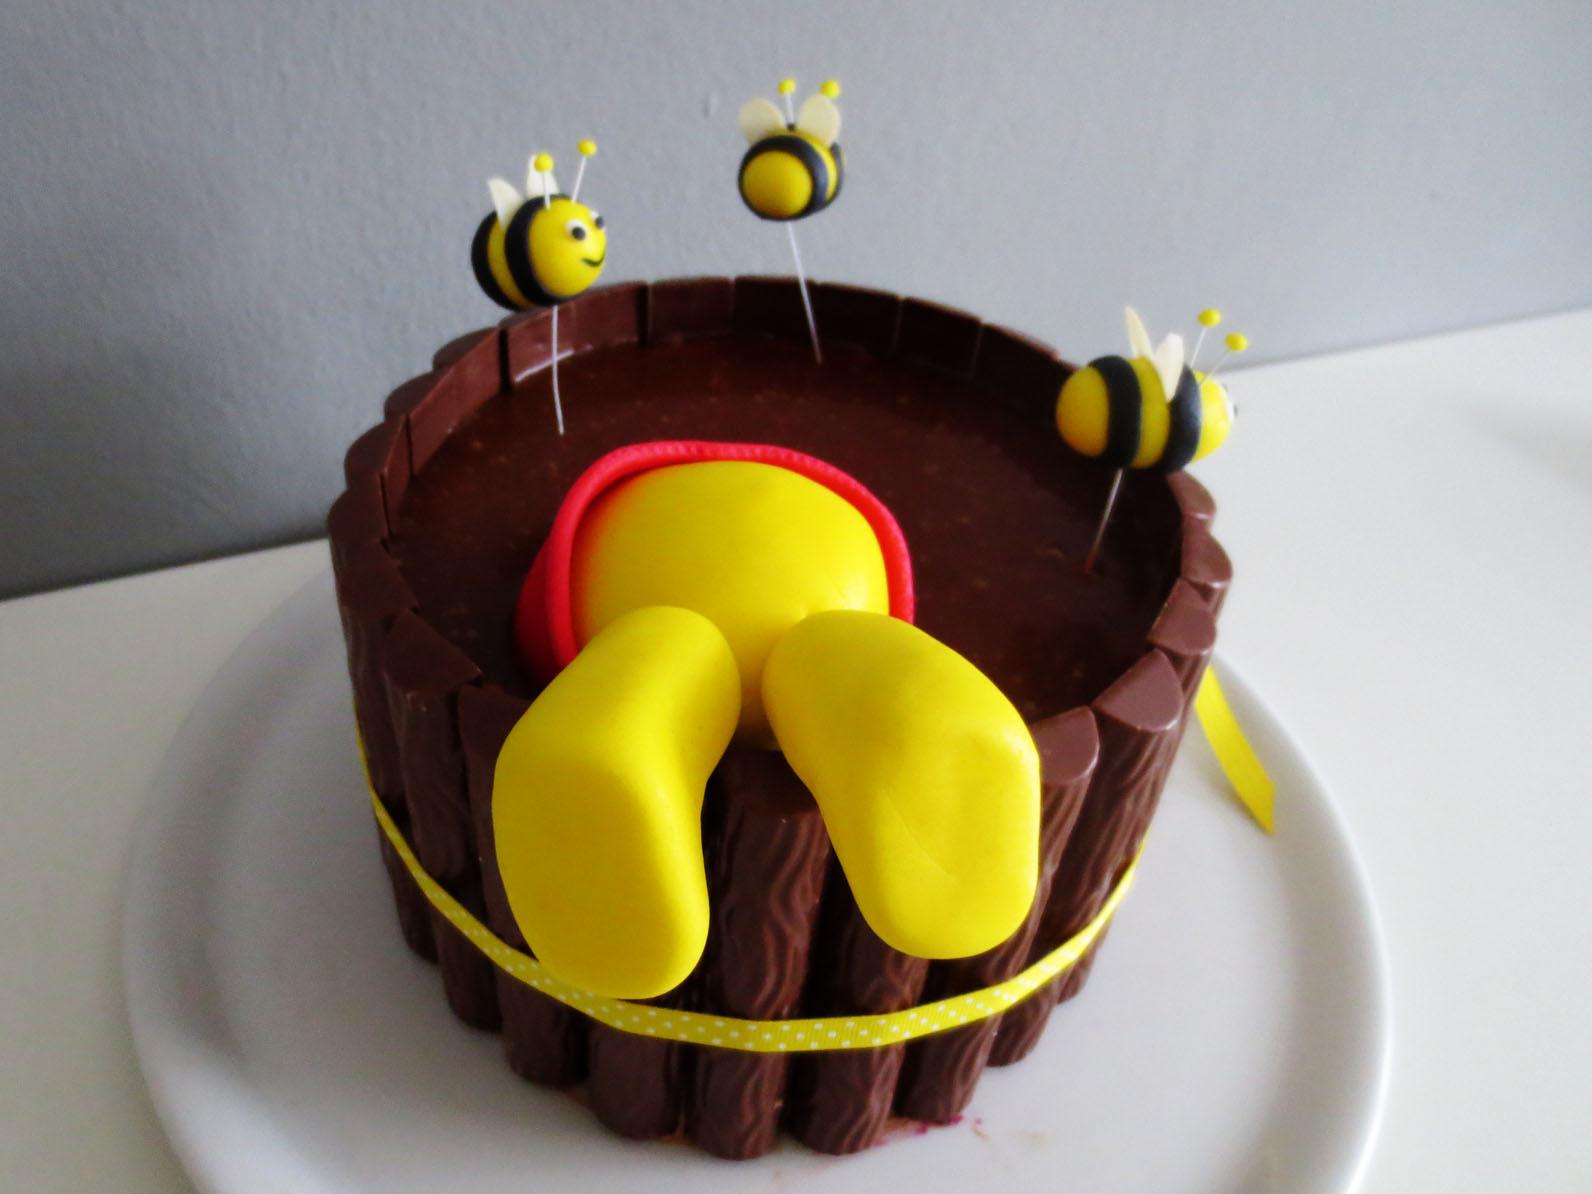 Pooh im honigtopf torte mit windbeutelf llung - Winnie pooh kuchen deko ...